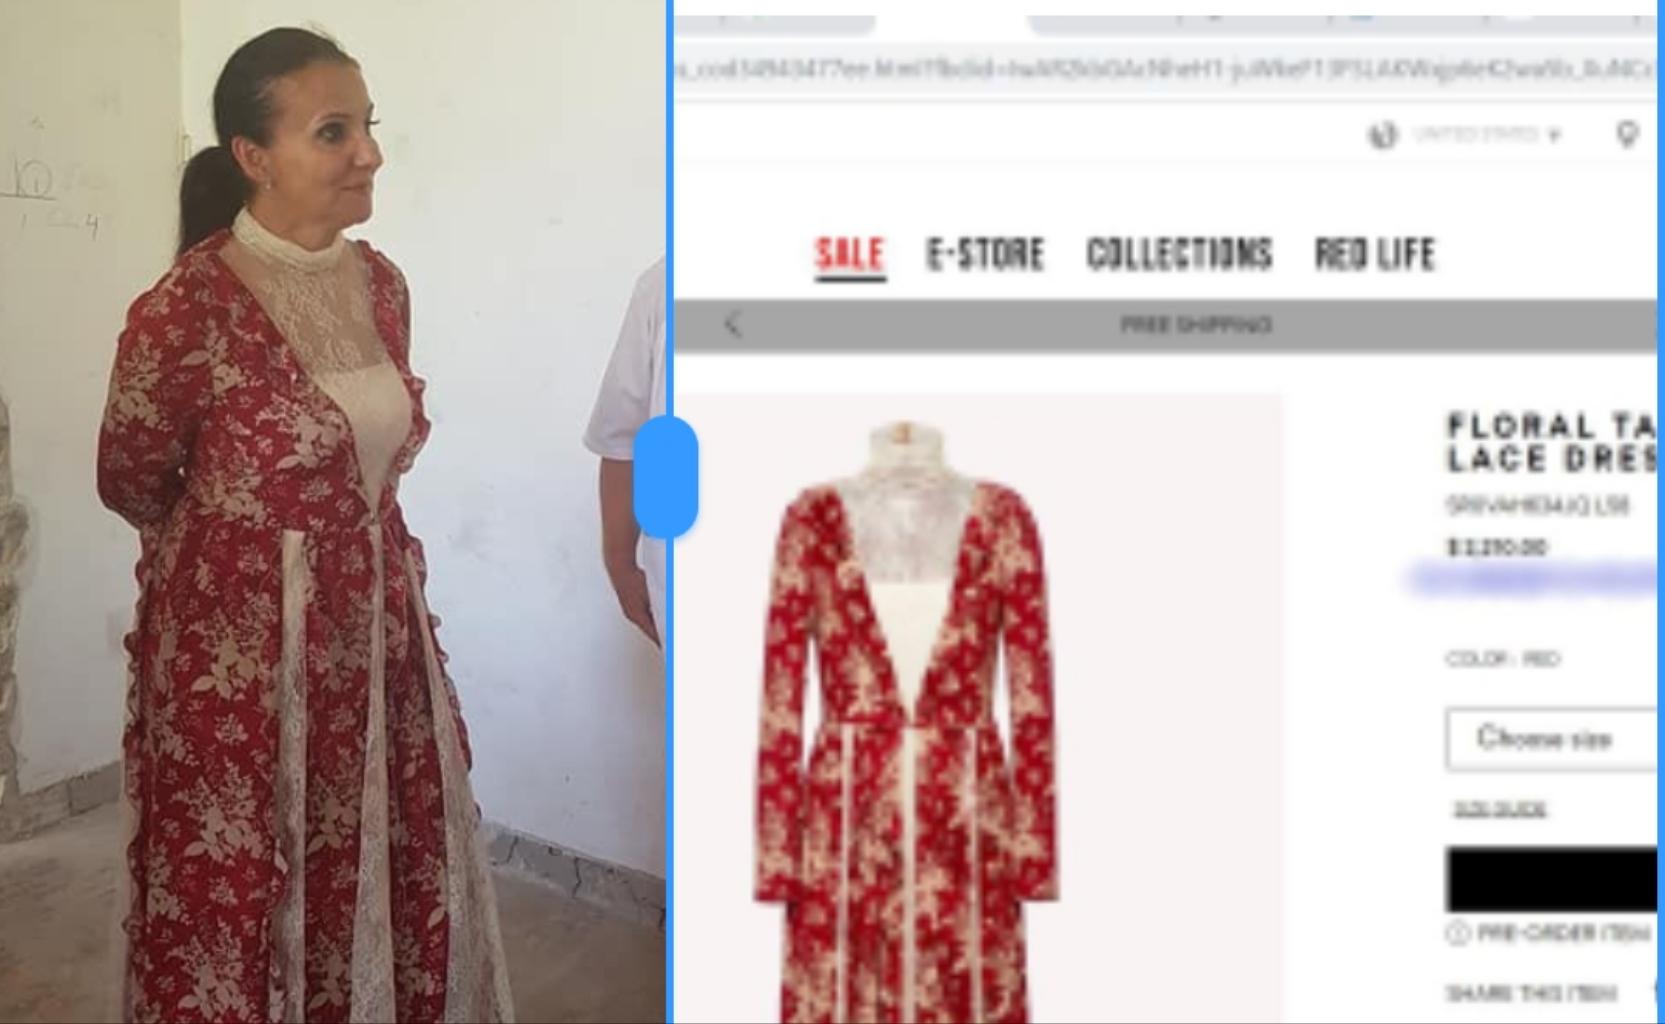 Sorina Pintea într-o rochie Valentino de 2.200 de dolari, acum câteva luni, când n-avea nici pe dracu. Luați-i o geantă de la Hermes şi îşi revine!